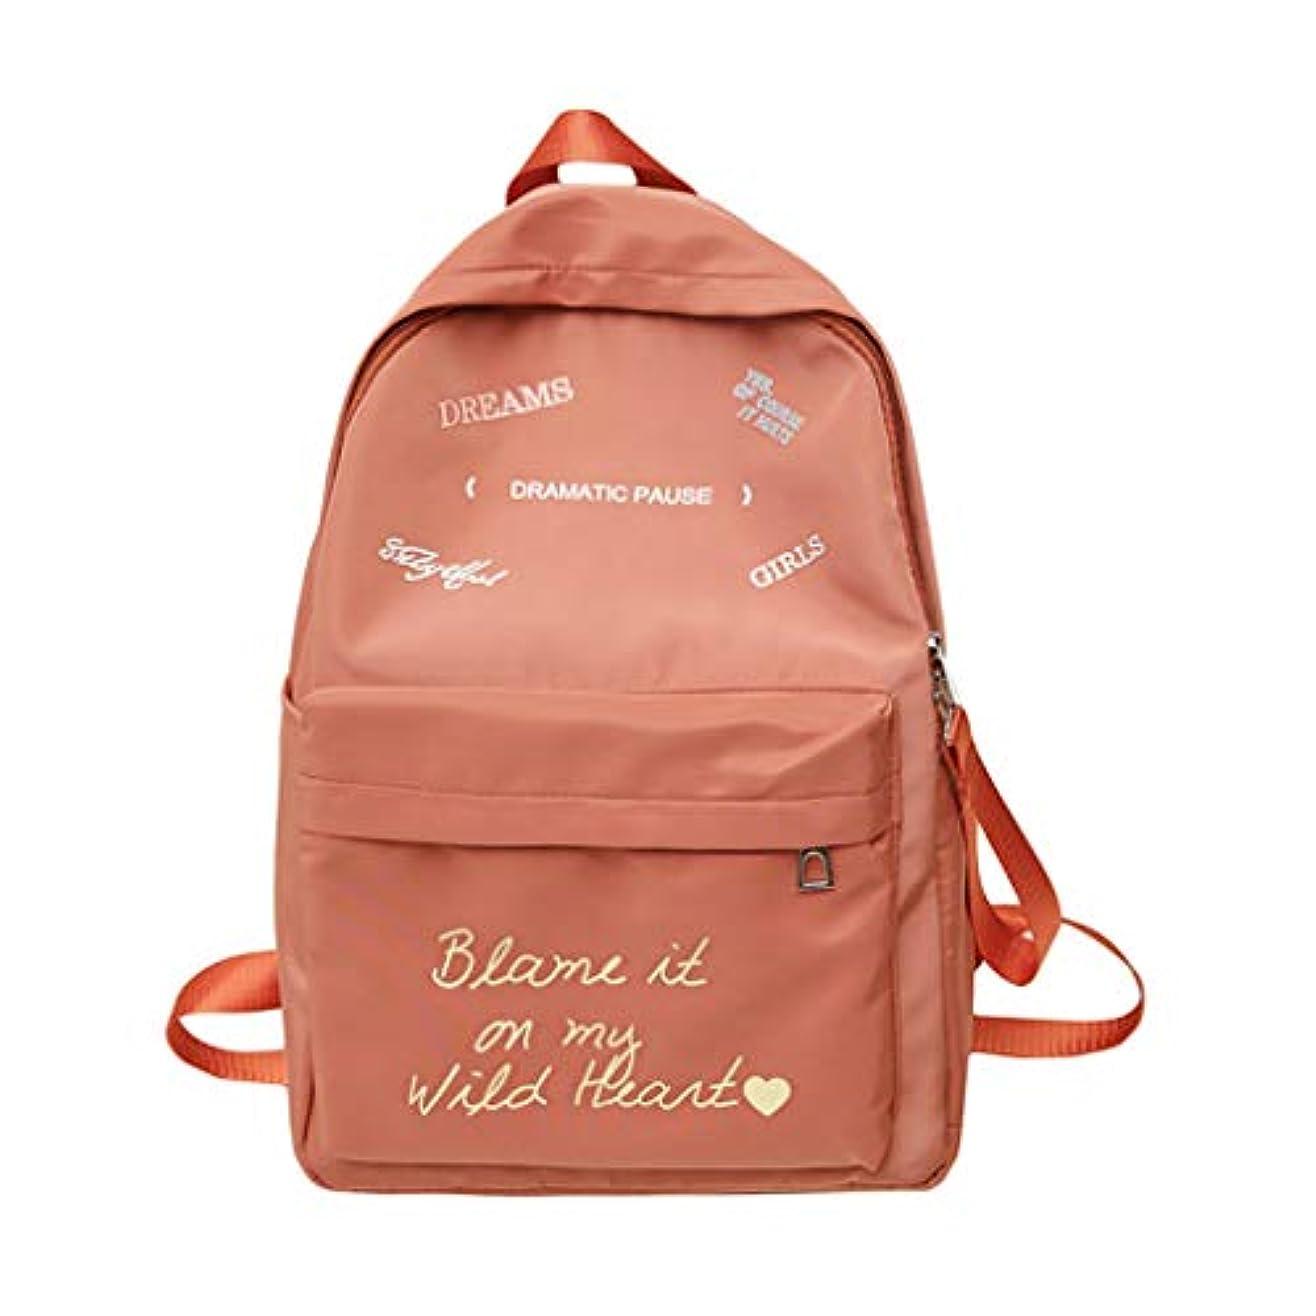 ギターそしてロードされたショルダーバッグ バックパックファッションラブリー印刷する 両用 ユニセックス 軽量 アウトドア ファッション レジャー 大容量 学生鞄通学通勤レジャー鞄 リュック リュックサック